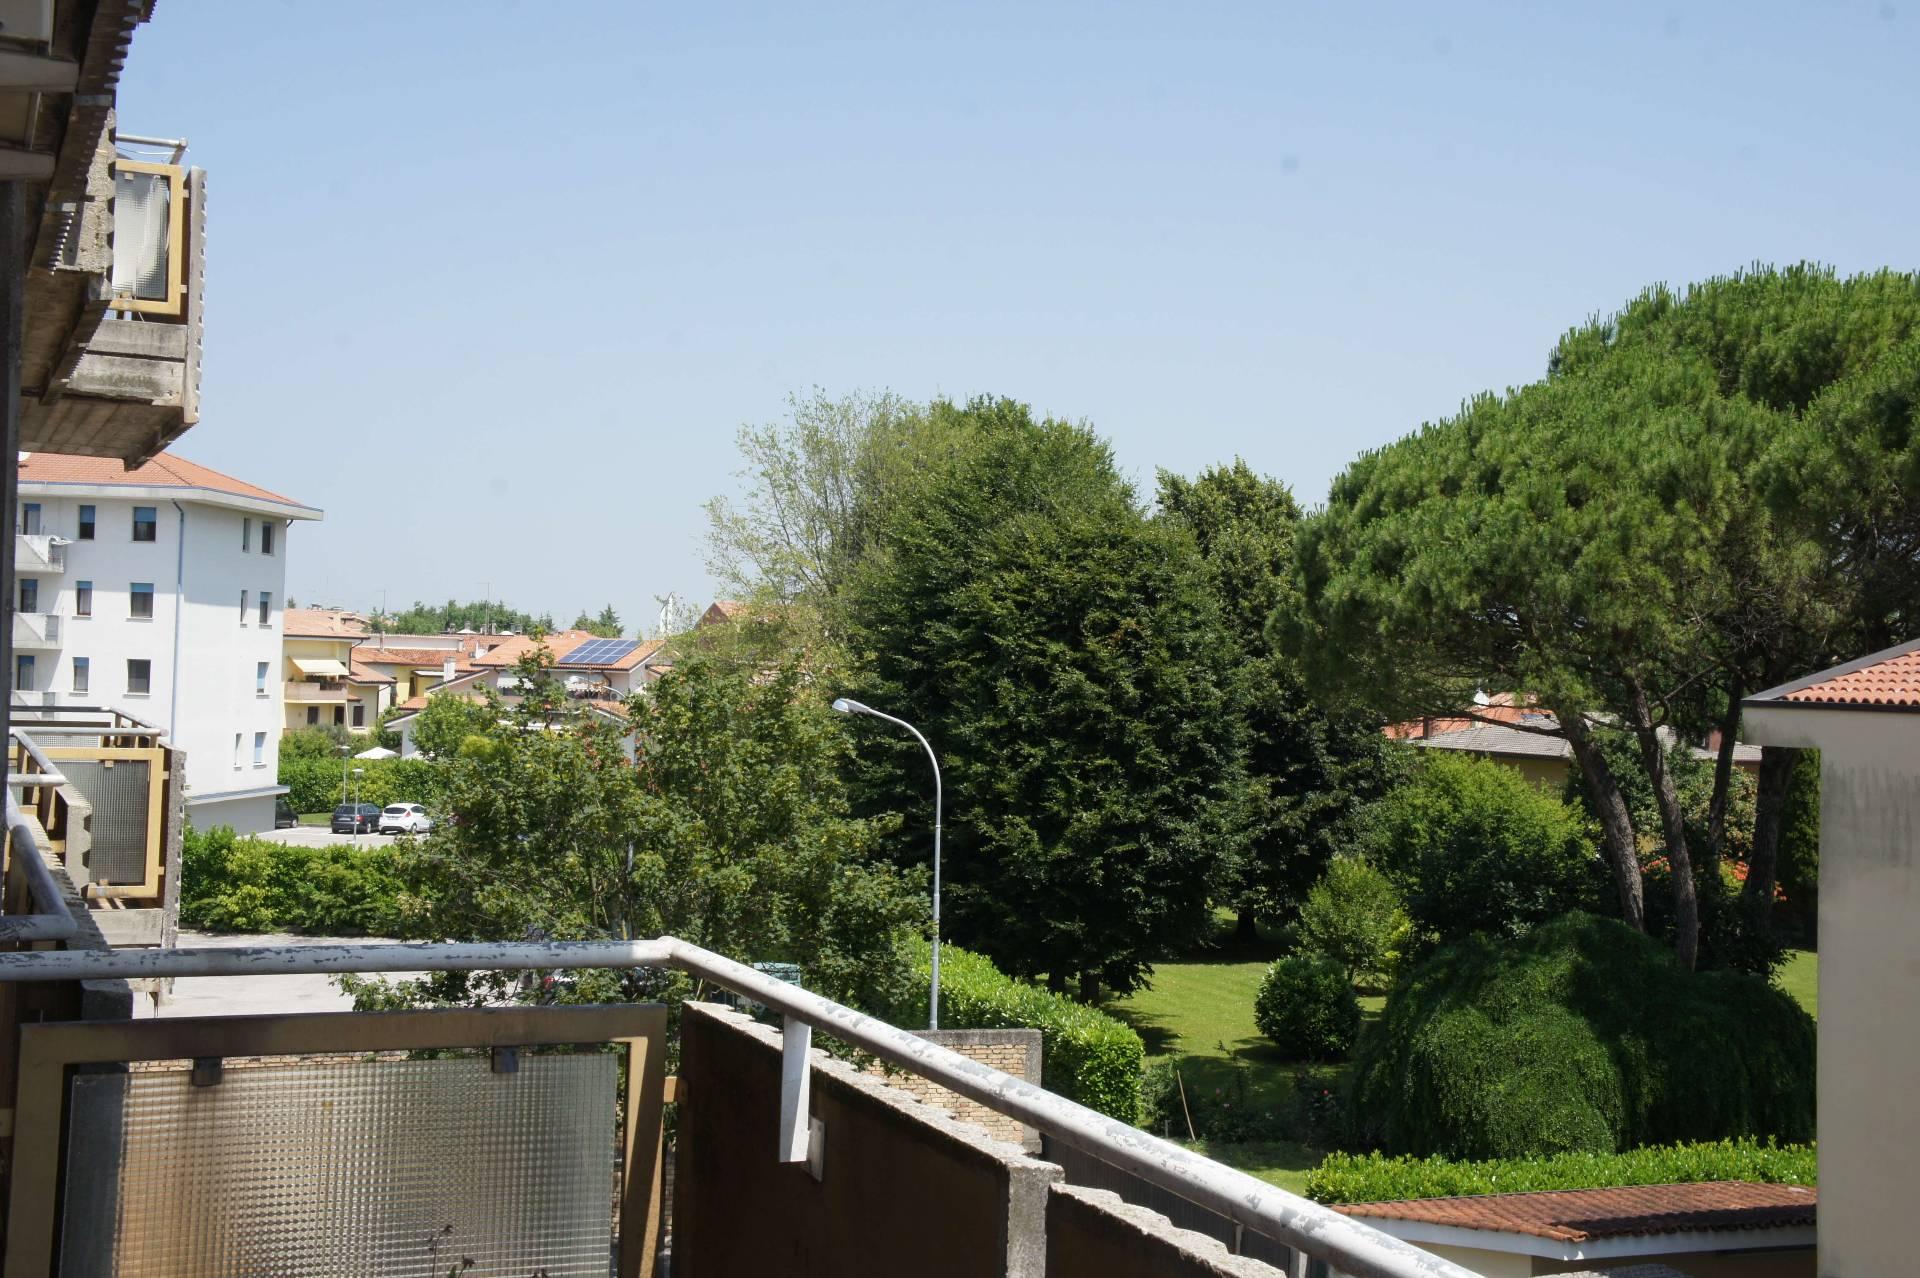 Appartamento in vendita a San Donà di Piave, 5 locali, zona Località: Centro, prezzo € 107.000   Cambio Casa.it